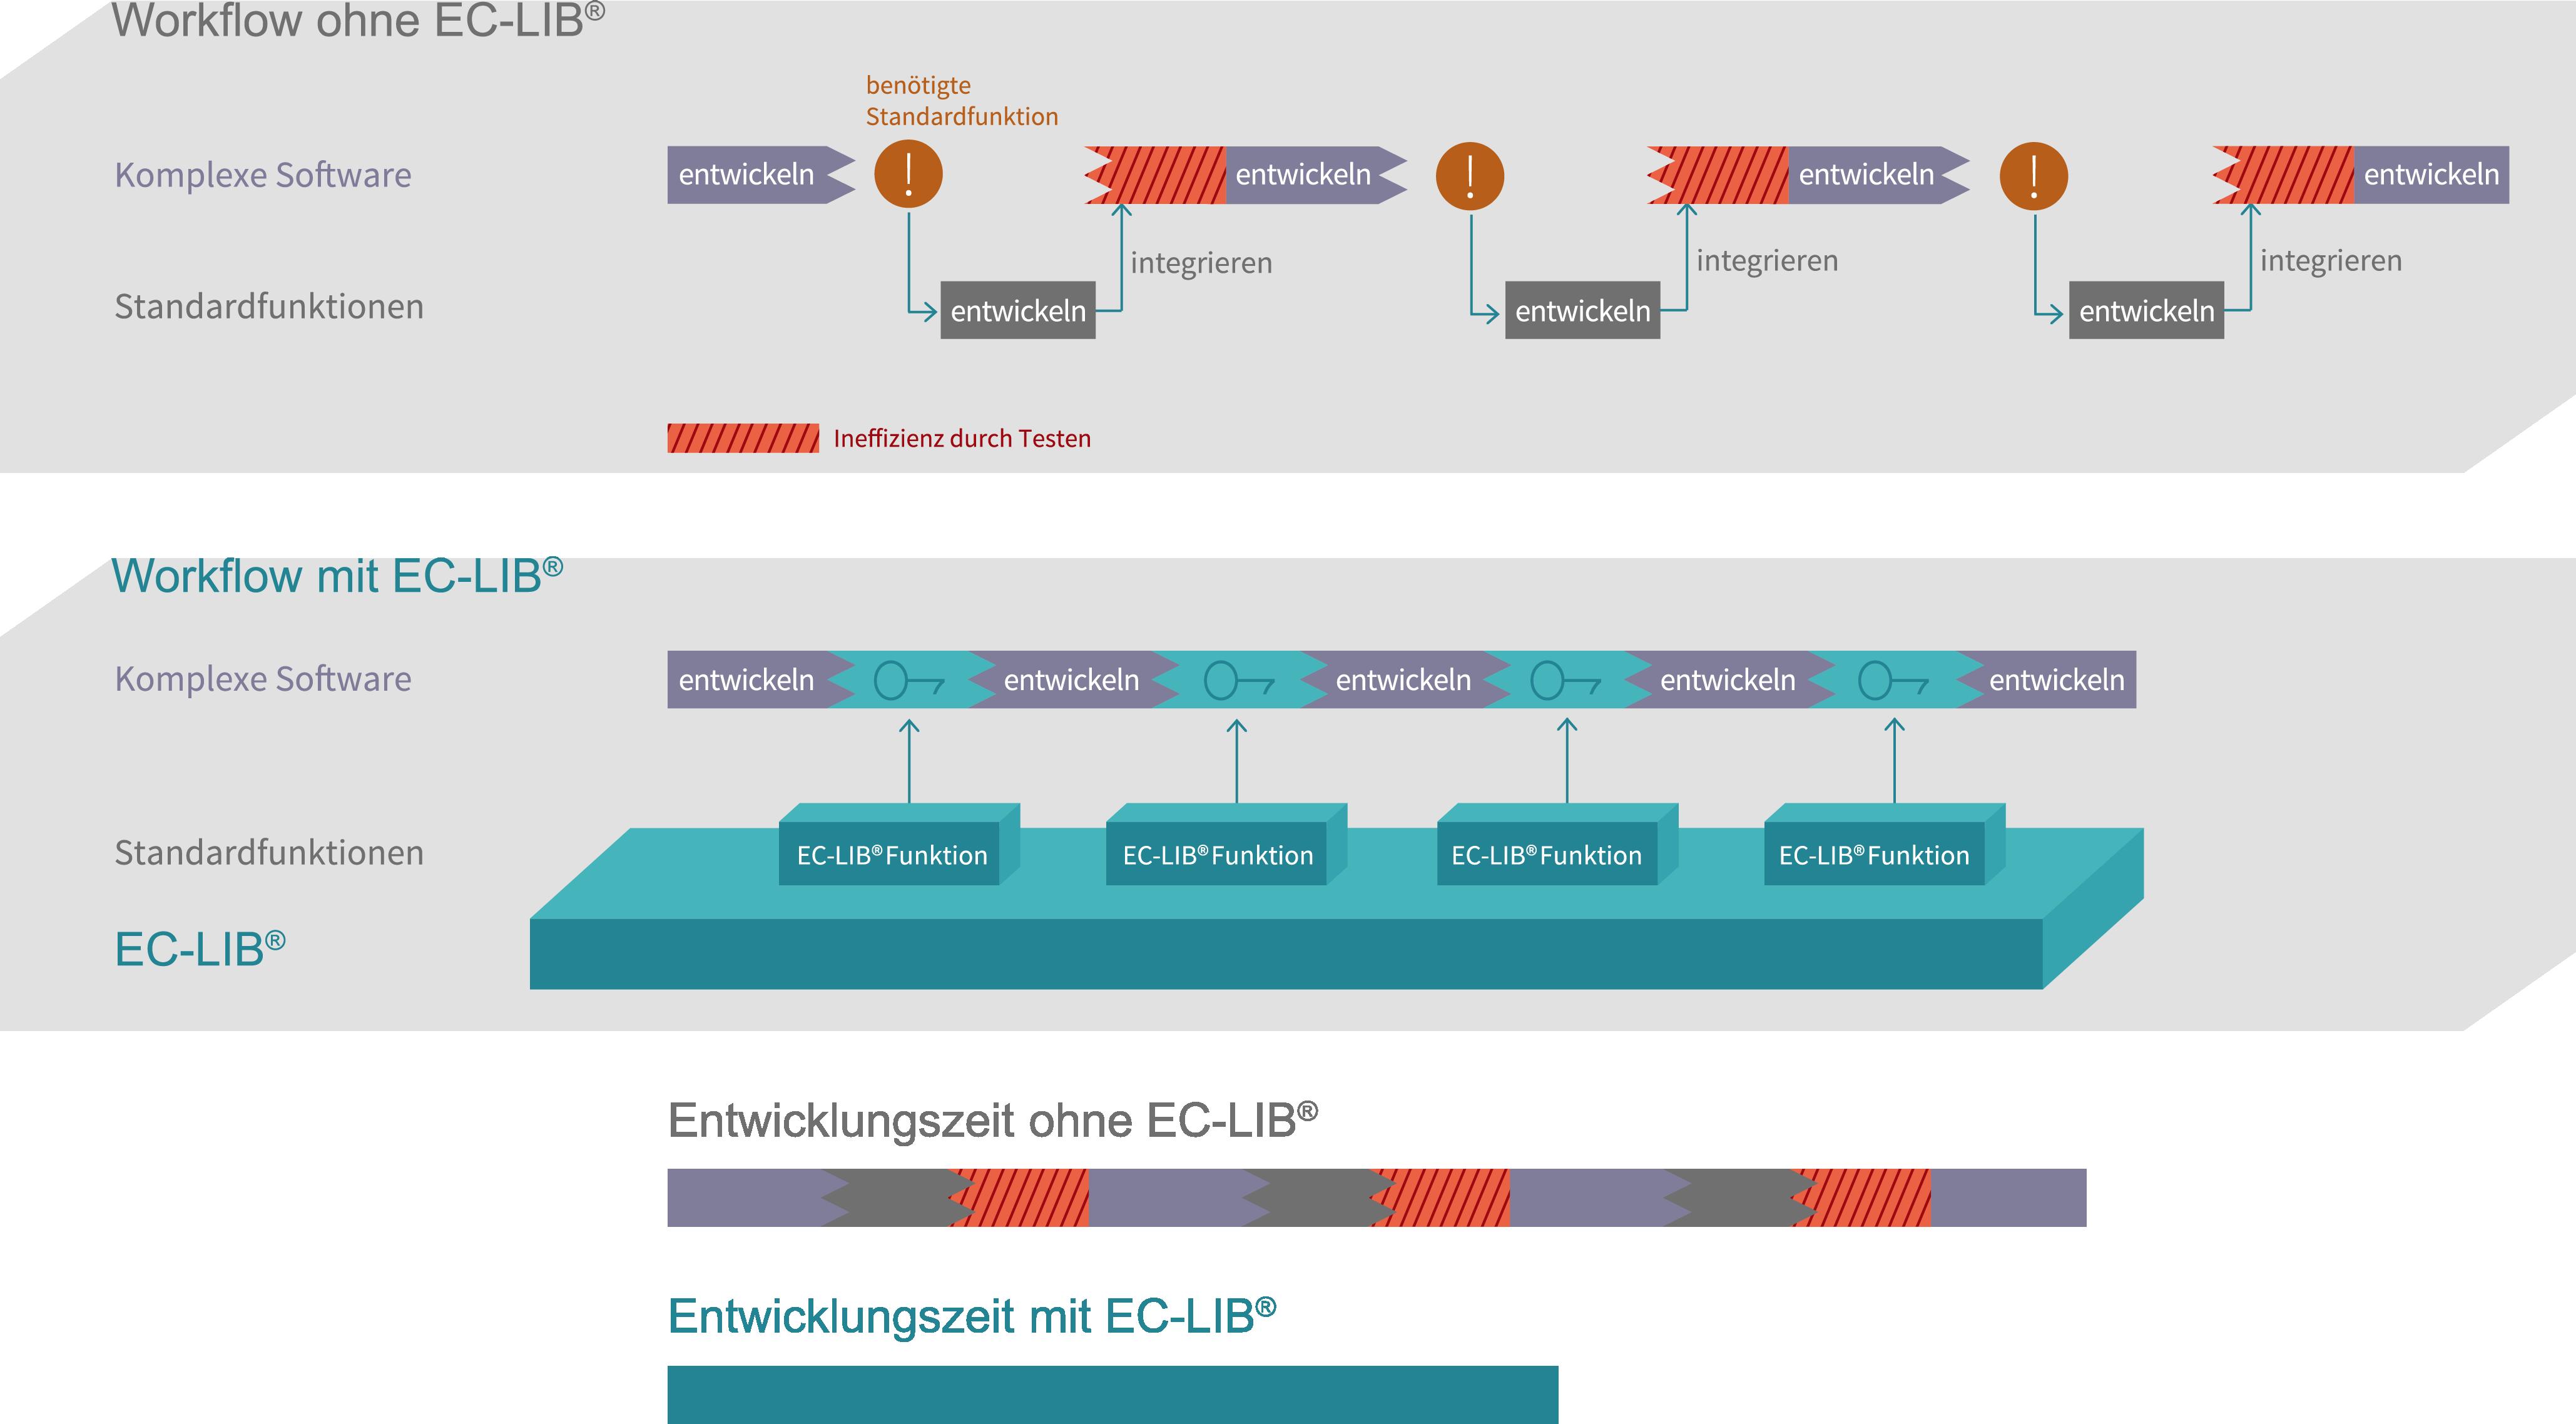 Softwareentwicklung - Workflow Mit EC-LIB®